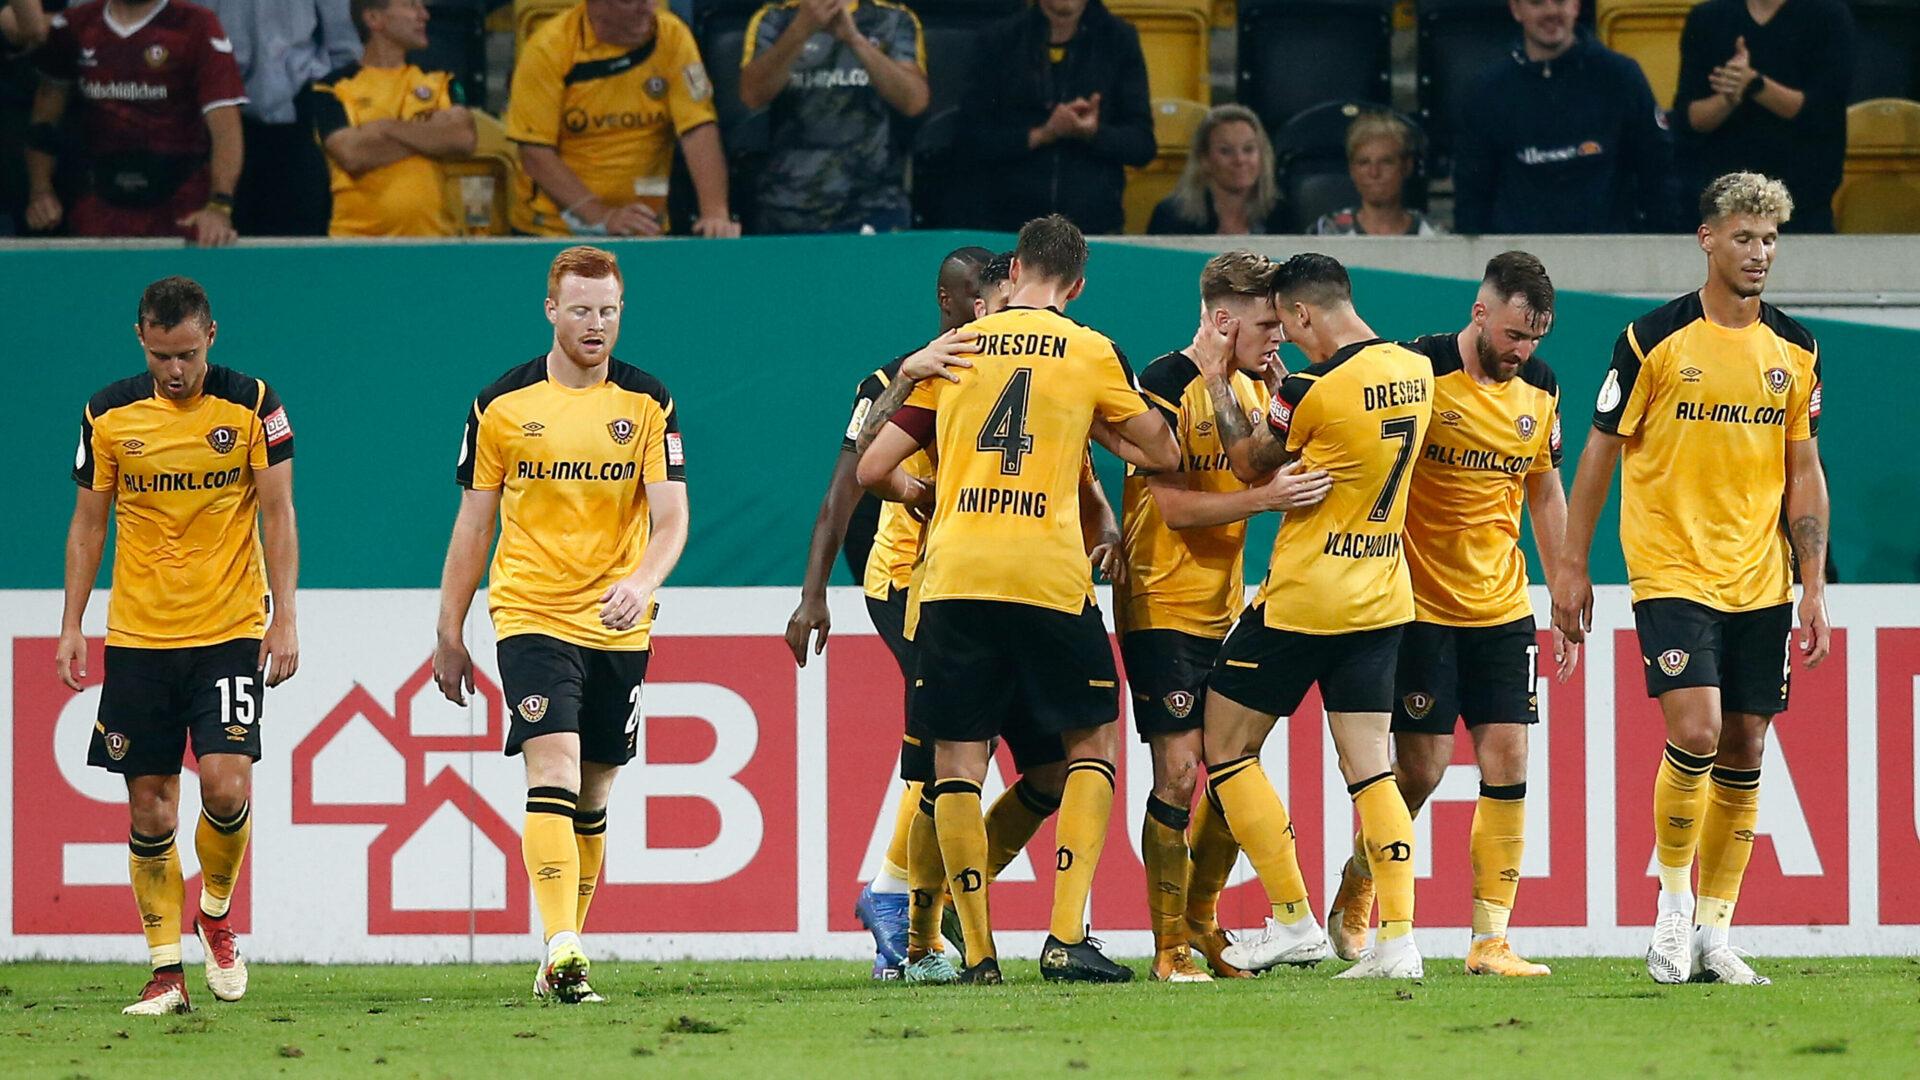 DFB-Pokal | Kade schießt Dynamo weiter, Elfmeterdrama in München